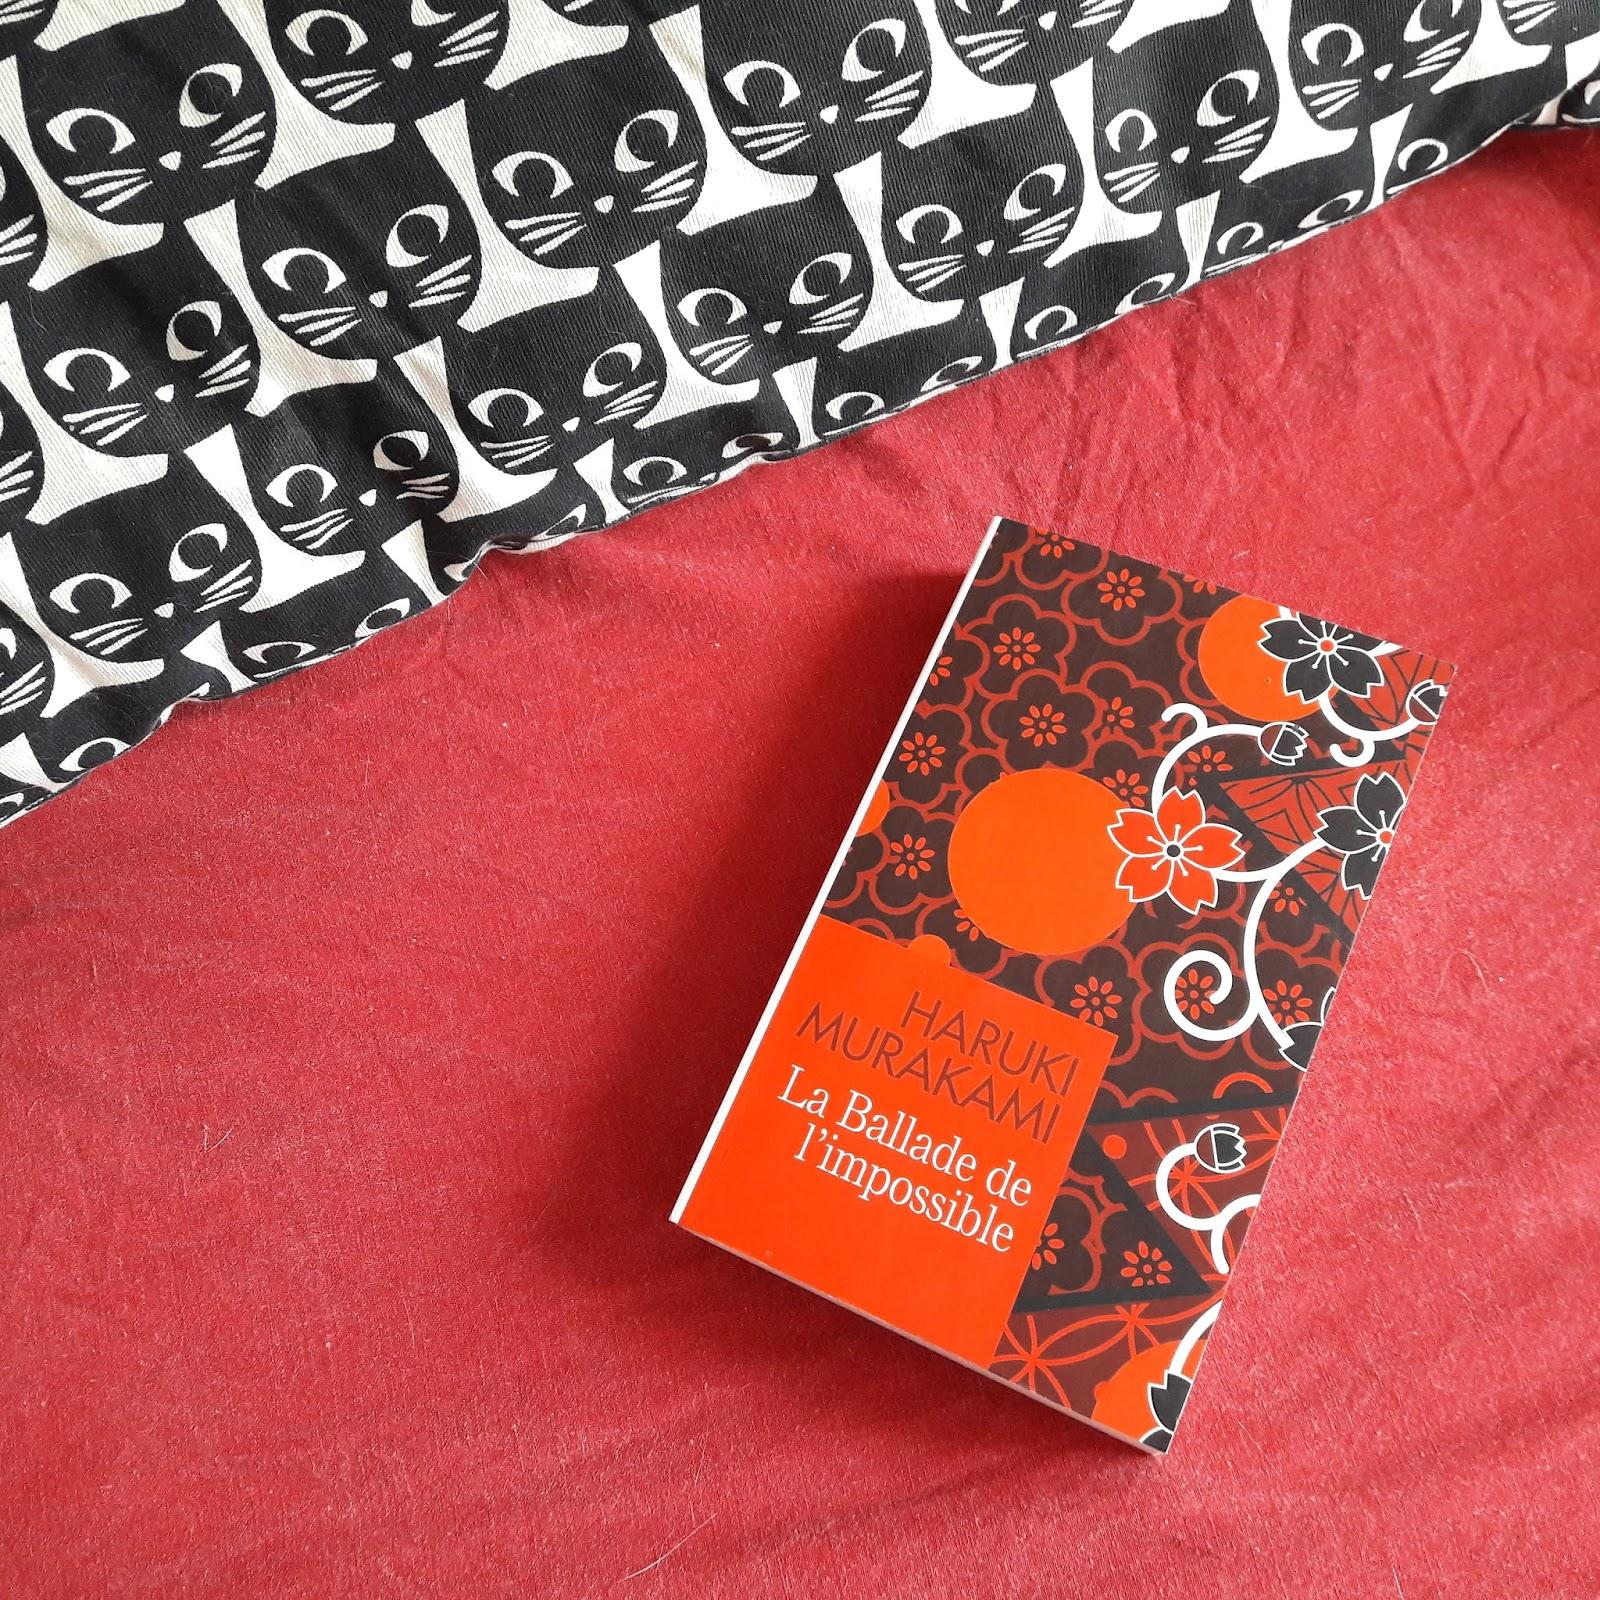 La ballade de l'impossible   d'Haruki Murakami